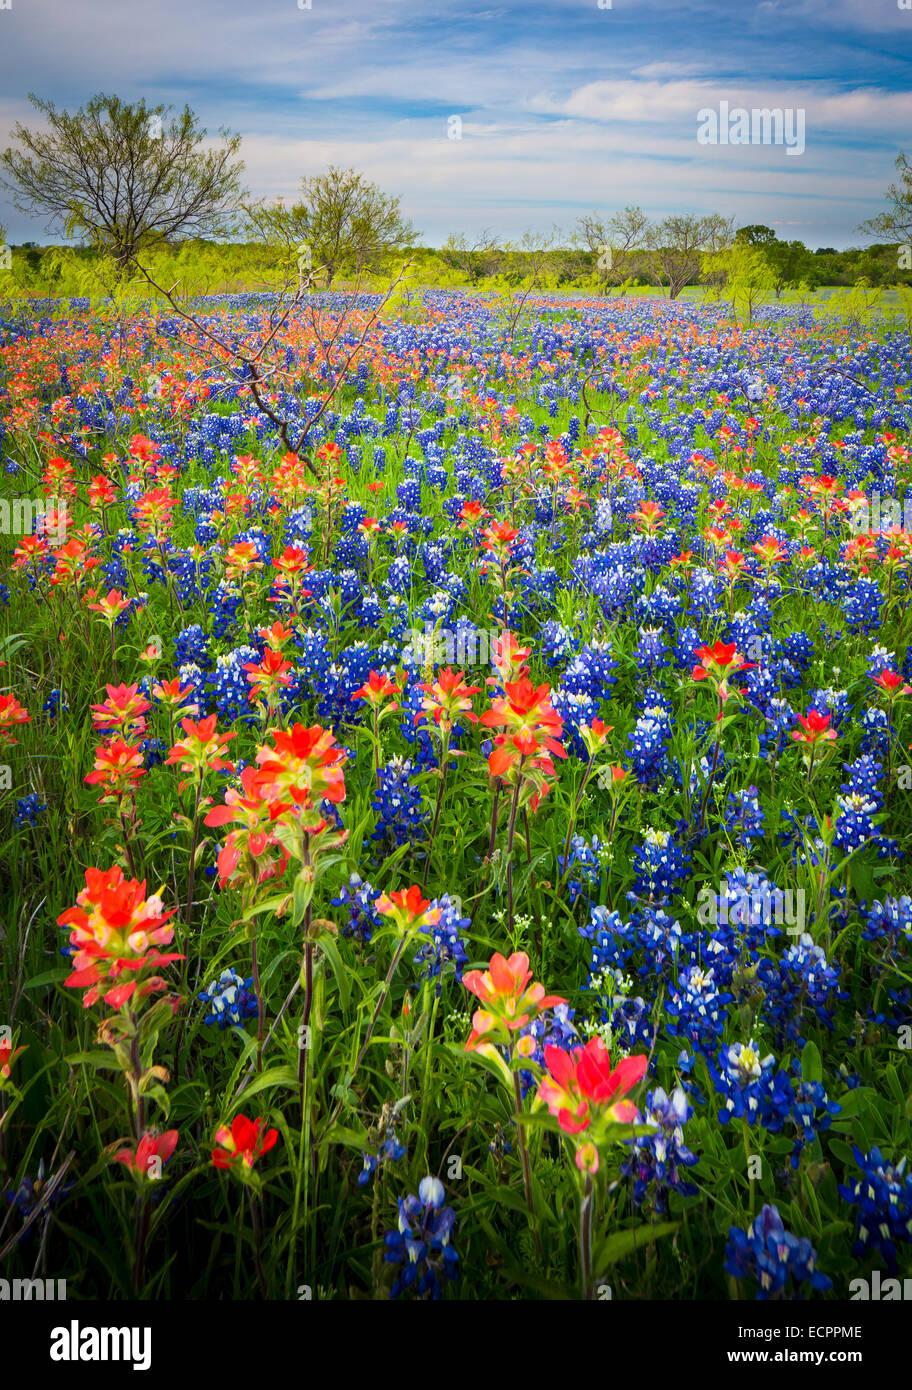 Berühmt Texas Bluebonnet Ausmalbilder Bilder - Malvorlagen-Ideen ...